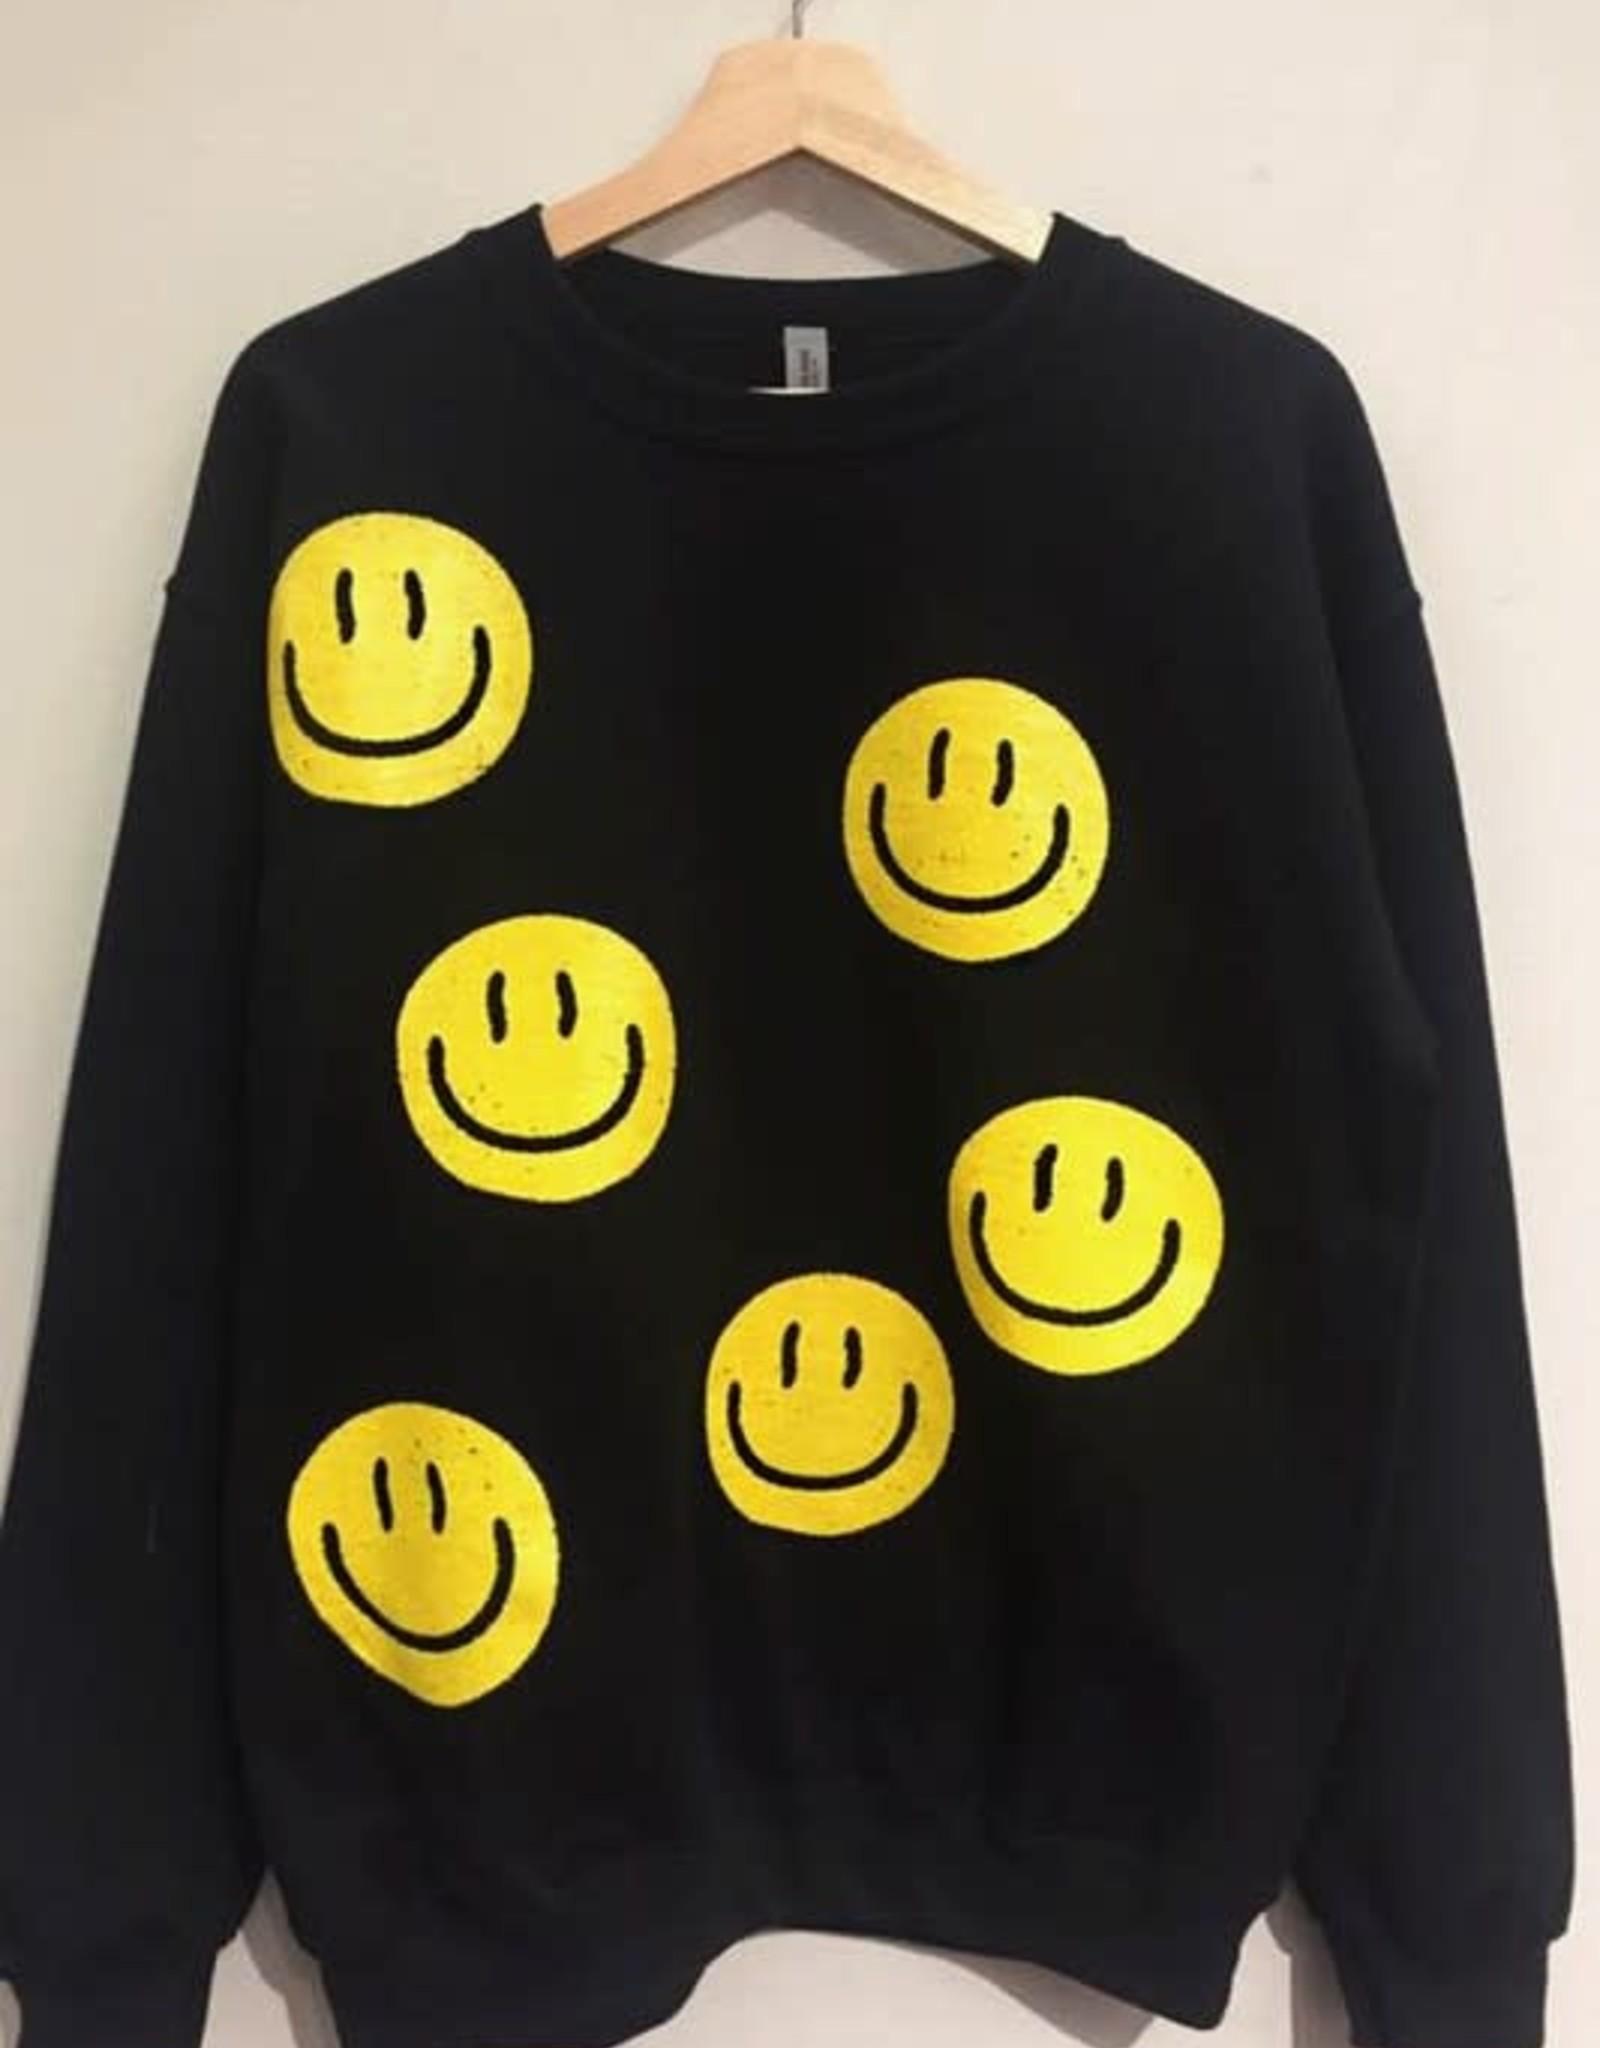 Smiley Face Crewneck Sweatshirt